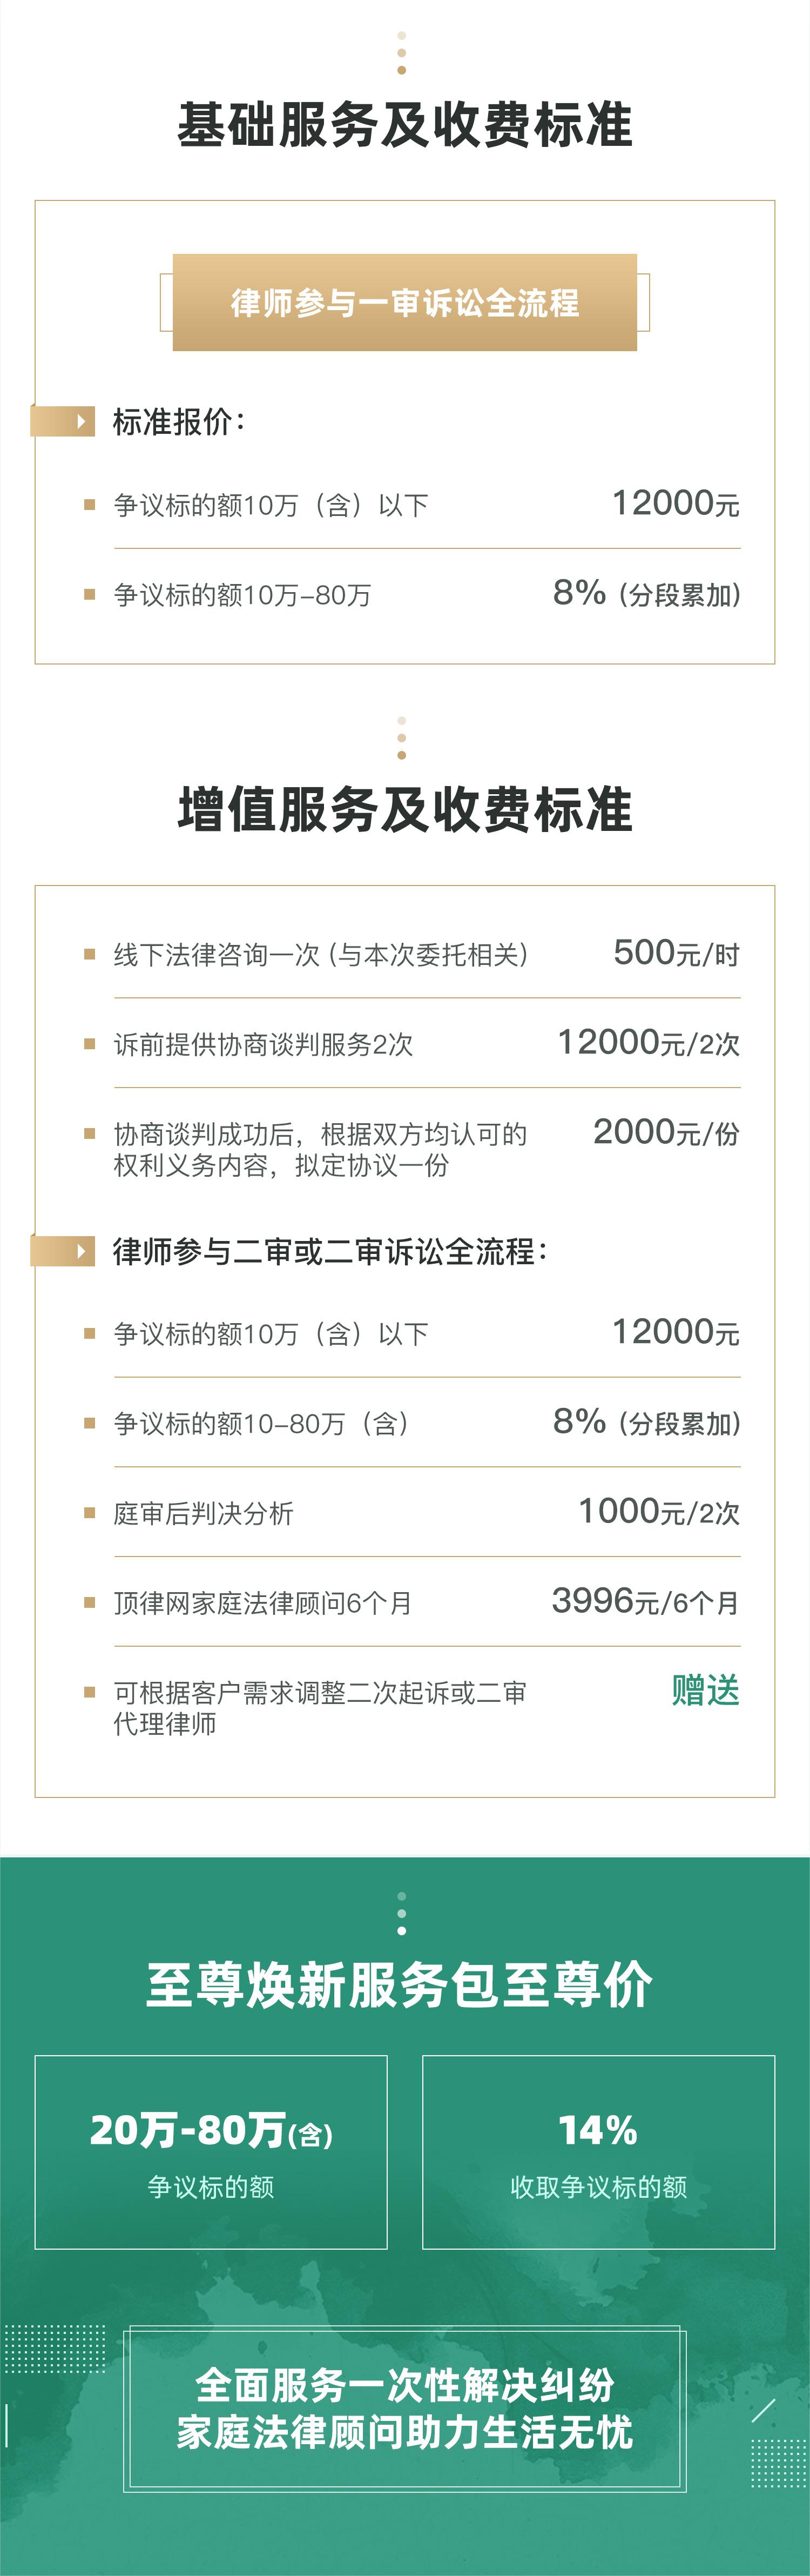 买卖货款纠纷解决-至尊焕新服务-content@2x.jpg